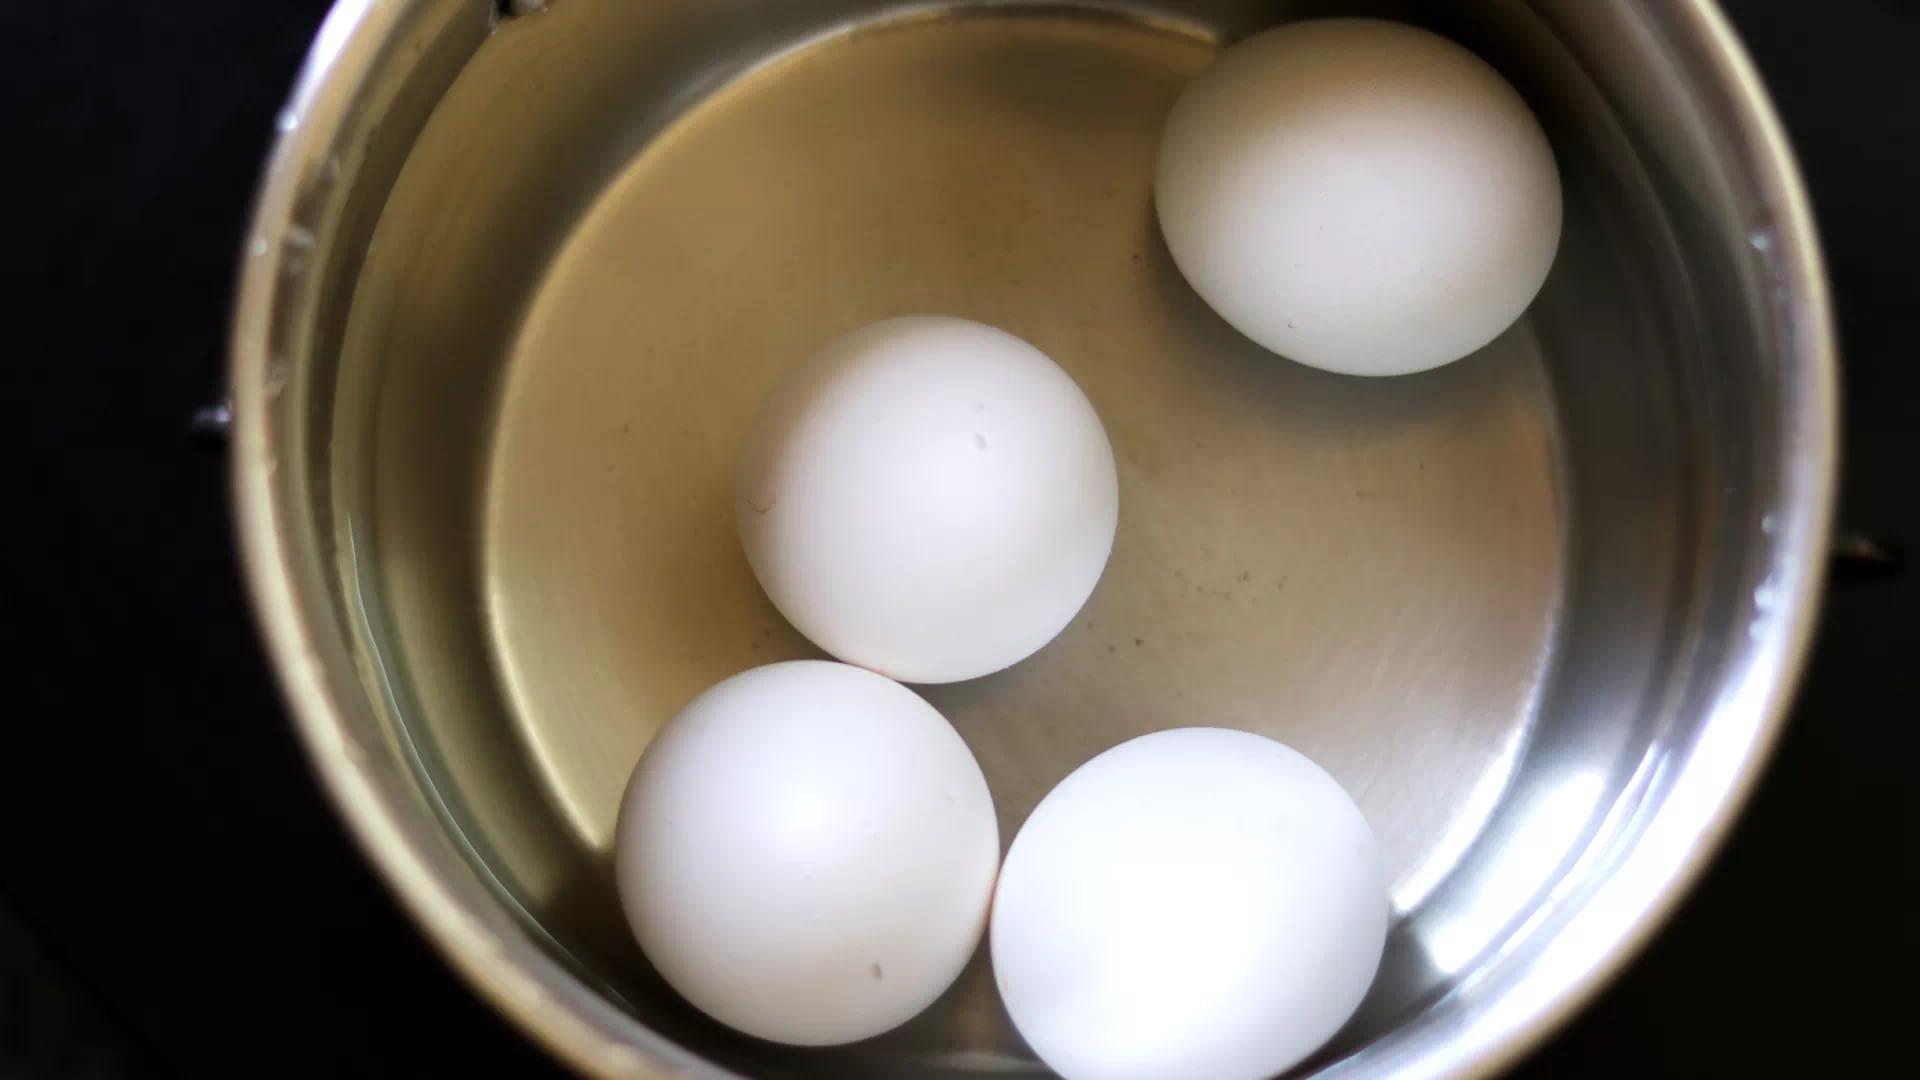 Boiled Eggs For Pakora